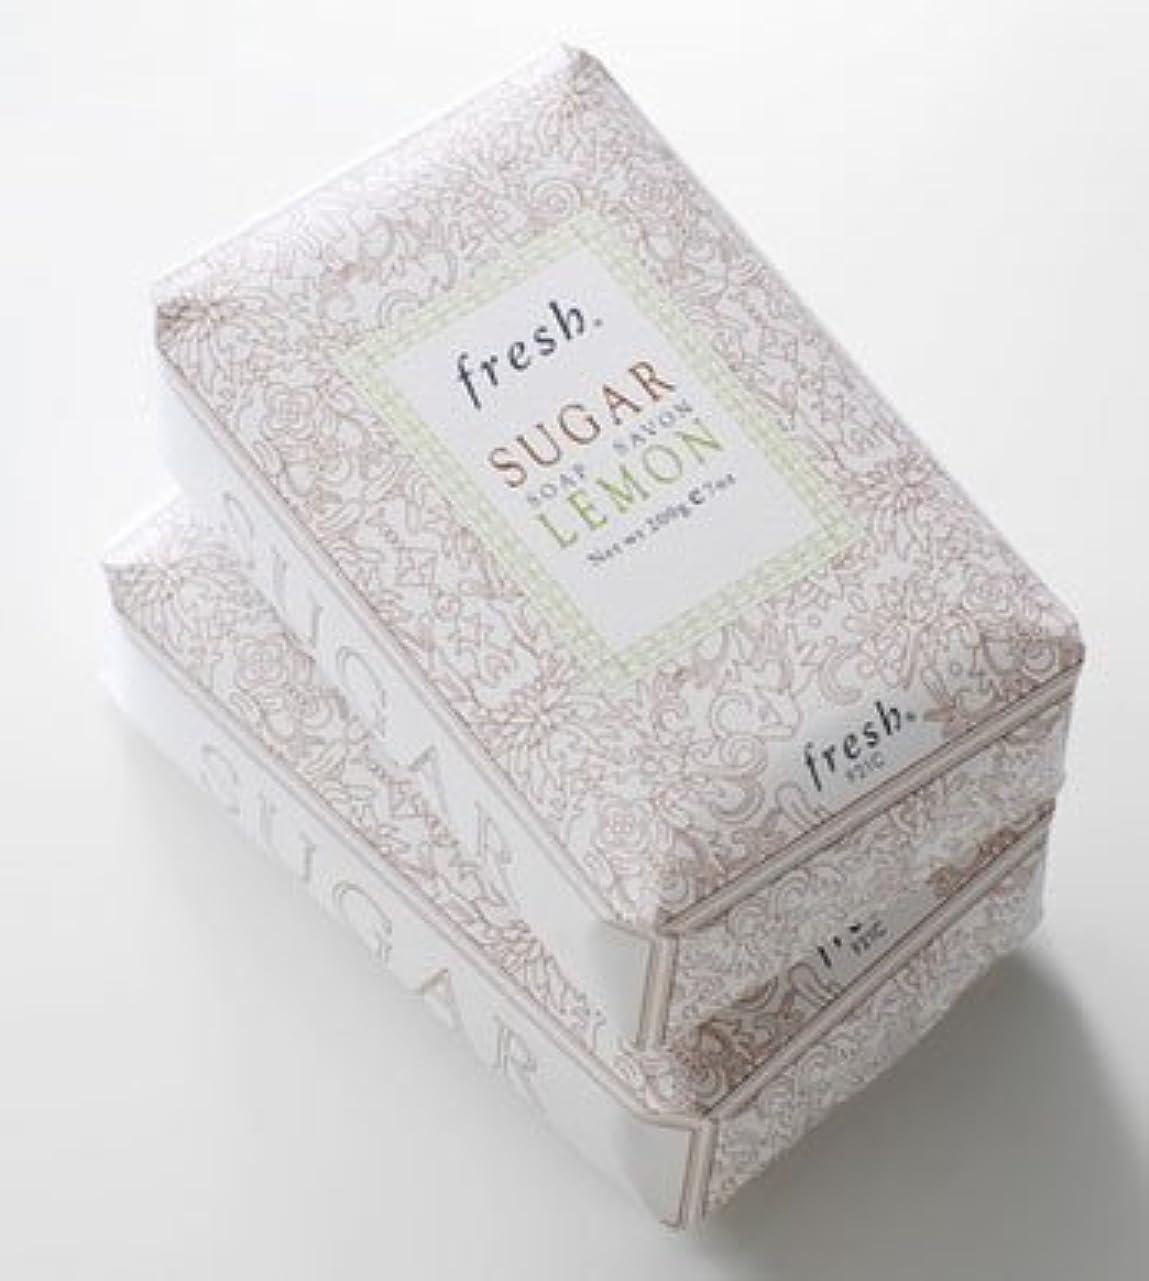 彫刻不足トレースFresh SUGAR LEMON SOAP(フレッシュ シュガーレモン ソープ) 7.0 oz (210g) by Fresh for Women